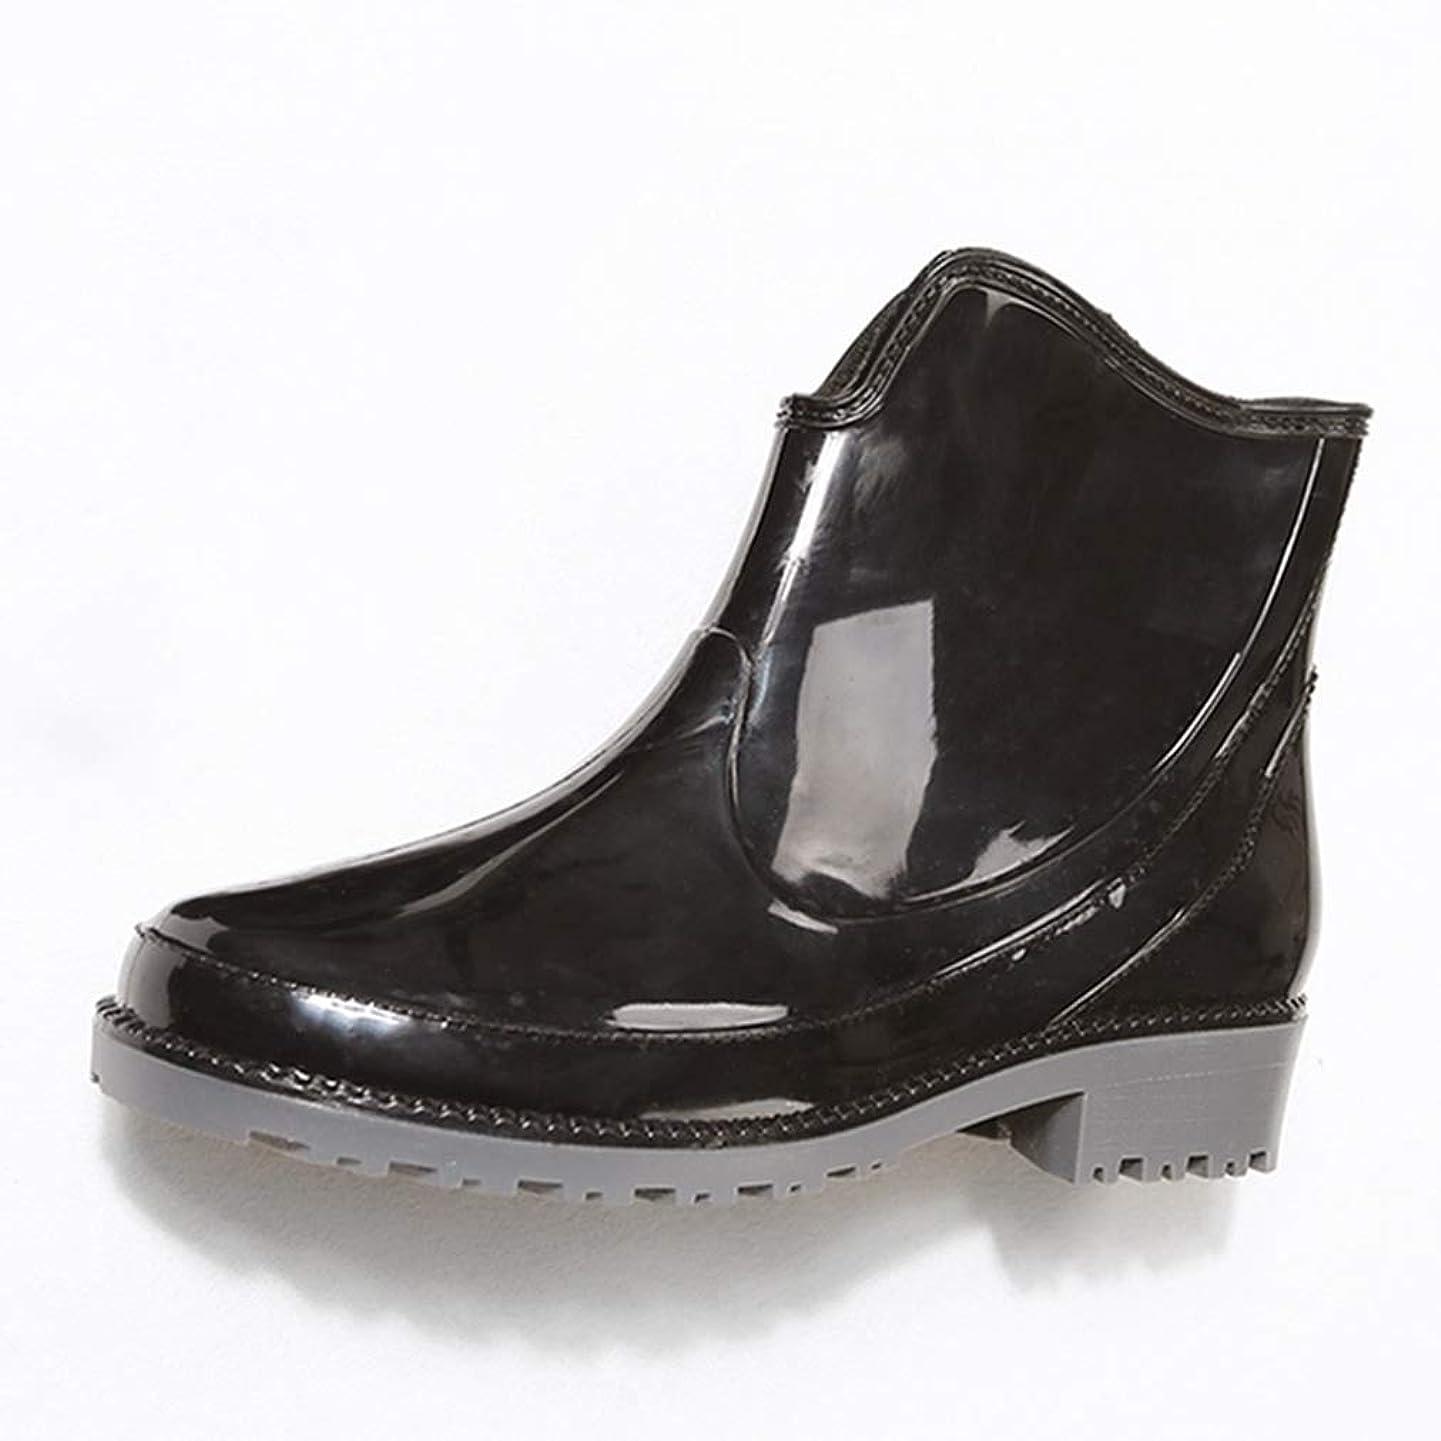 簡単にガム一時停止[OceanMap] レインブーツ レディース レインシューズ ショート 雨靴 雨具 ショート ゴム 長靴 防水 靴 ガーデニング 通勤 レイン ブーツ ショート 美脚 可愛い 作業靴 ブラック 黒 レッド 赤 雪 雨 梅雨 雨靴